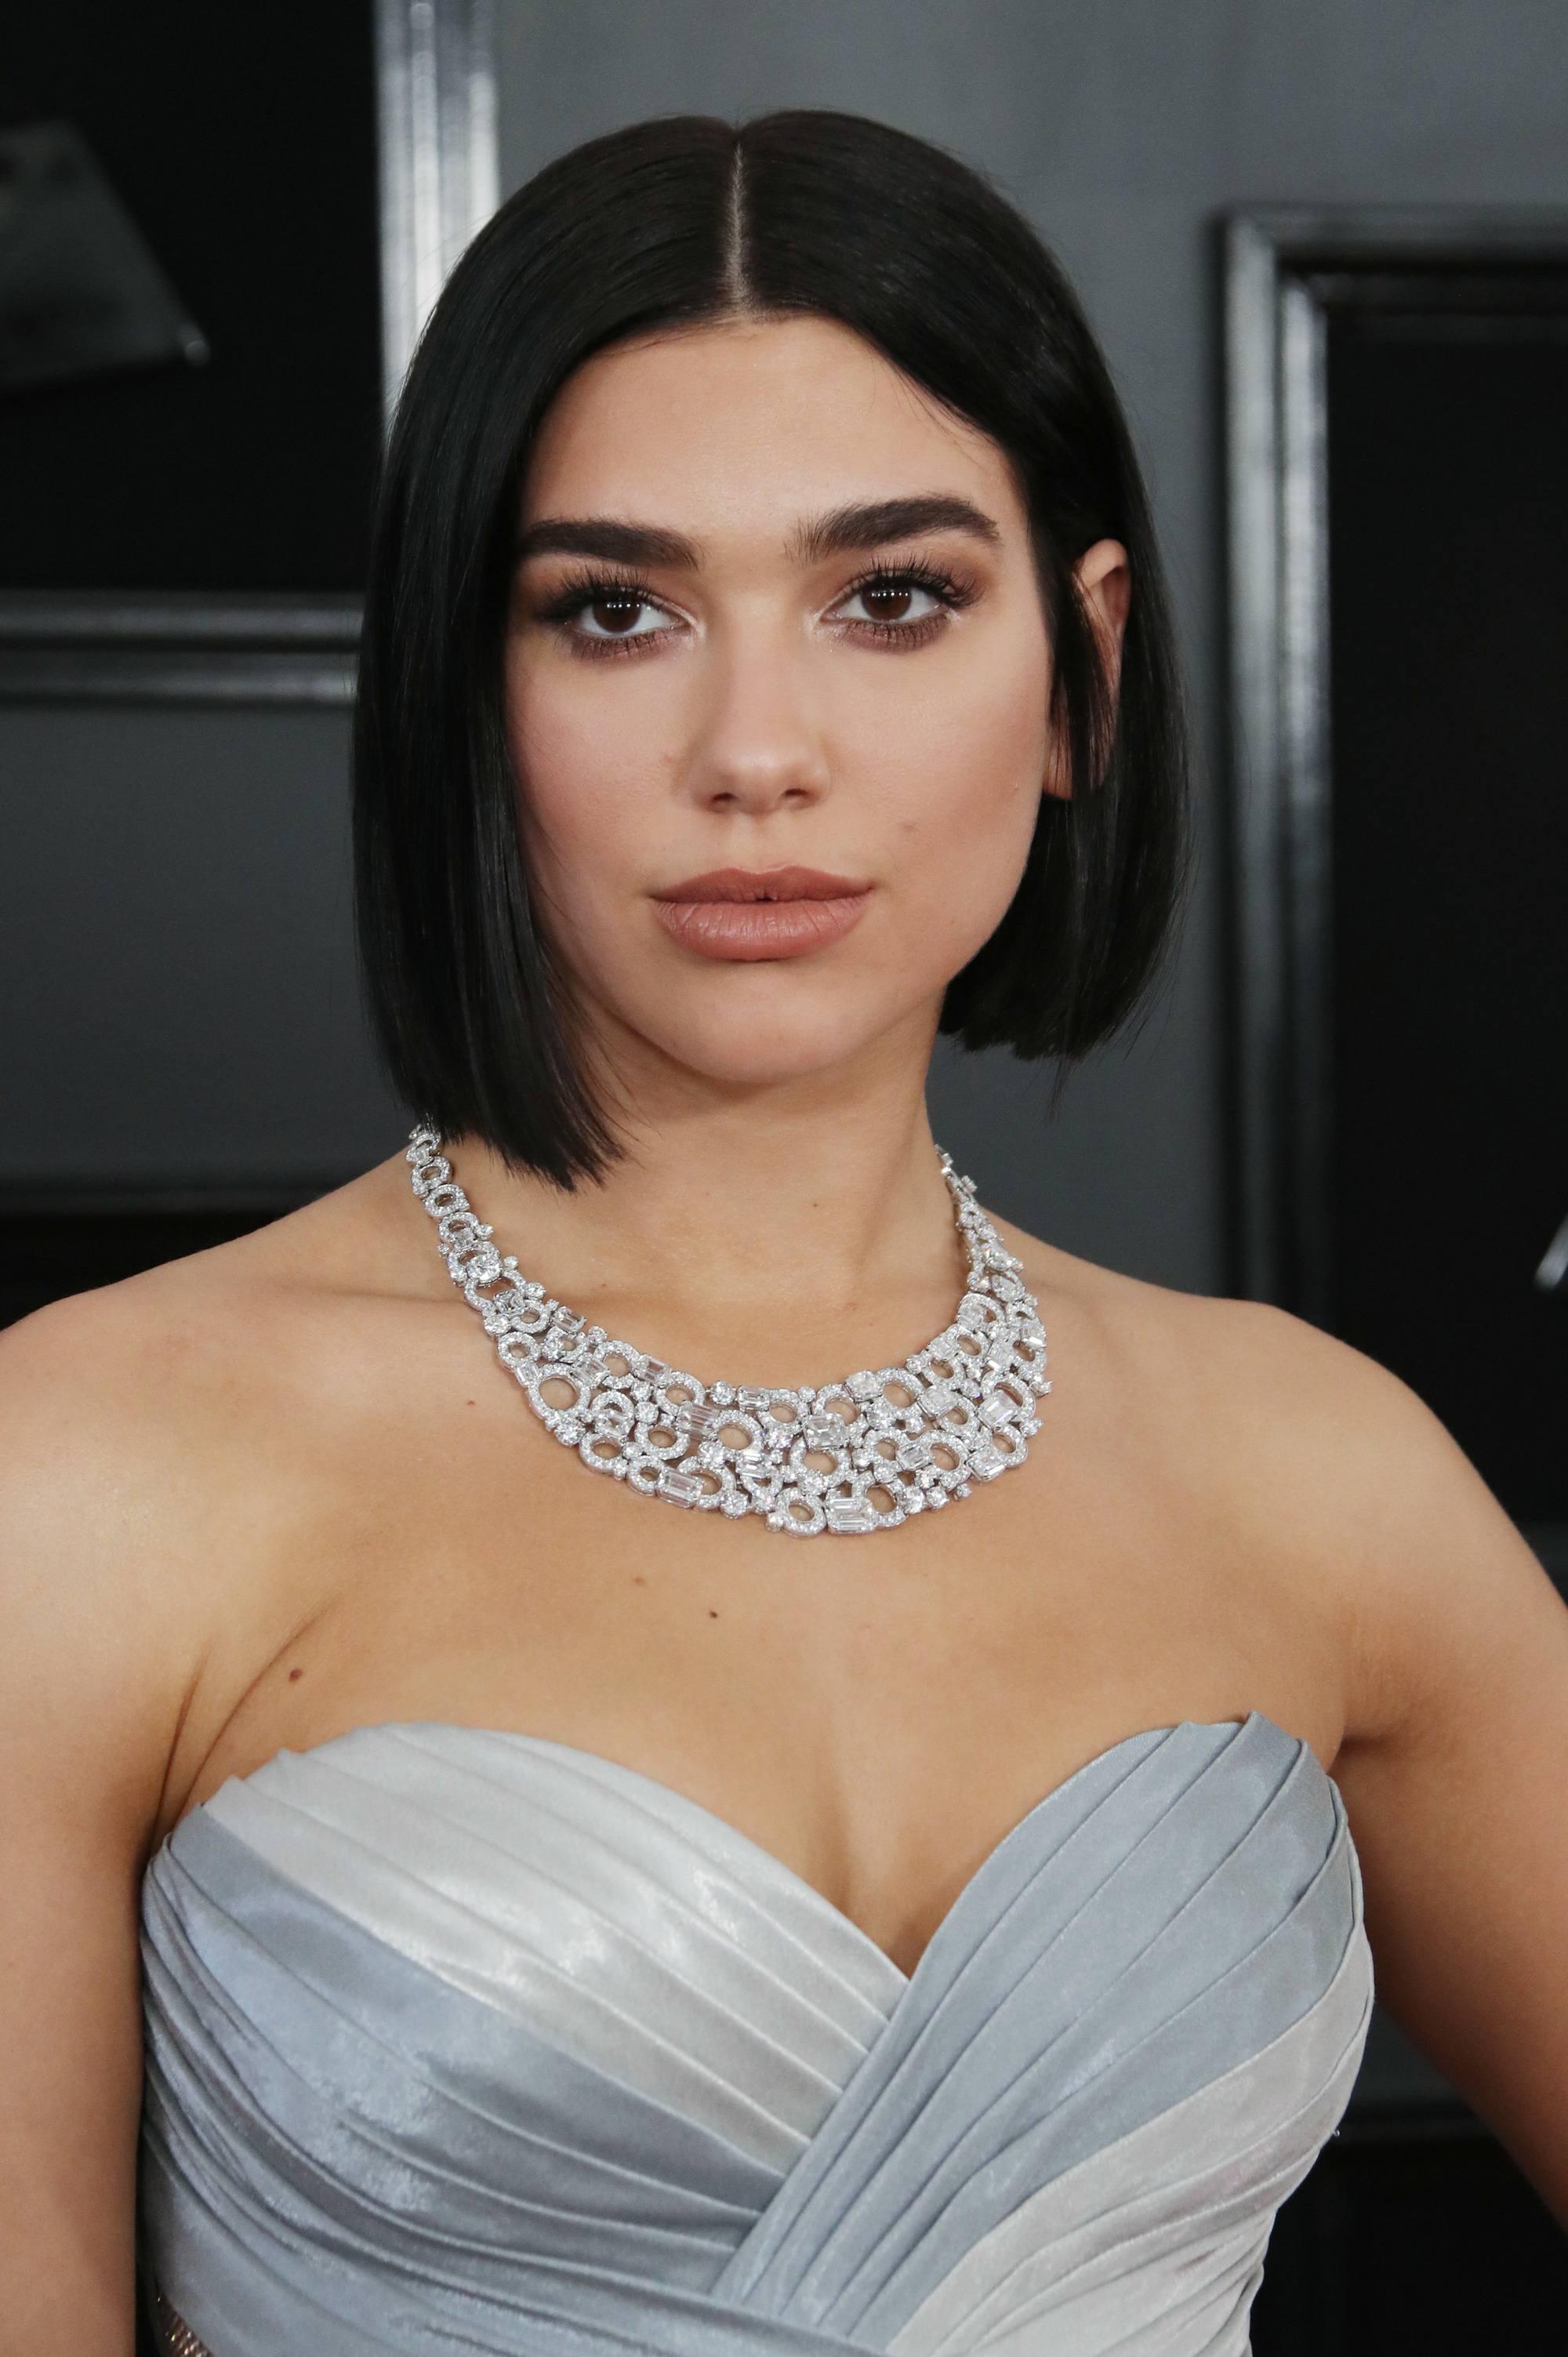 Dua Lipa avec une coupe de cheveux au carré, portant un collier et une robe argentée décolletée